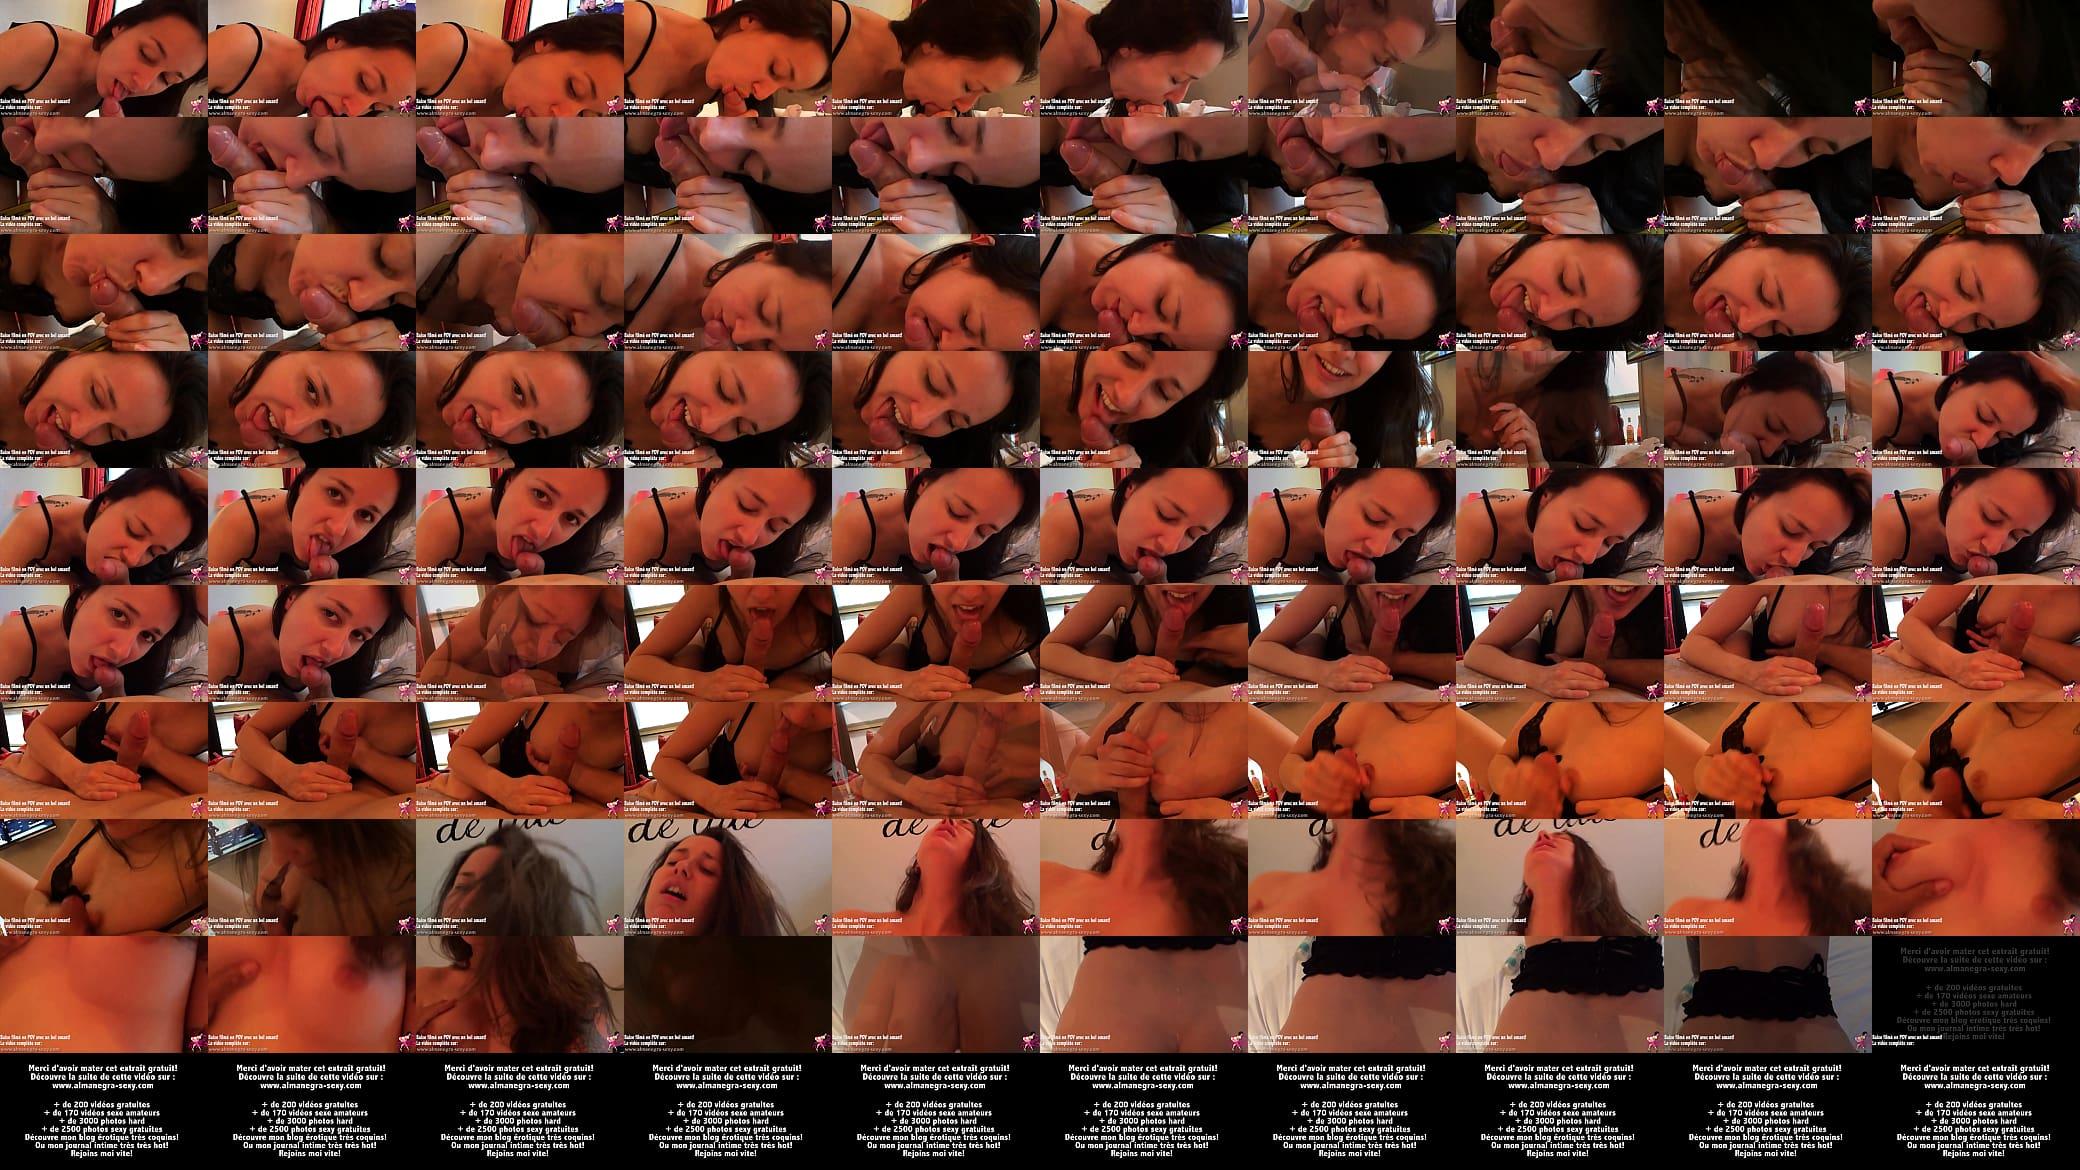 Teen sex video added